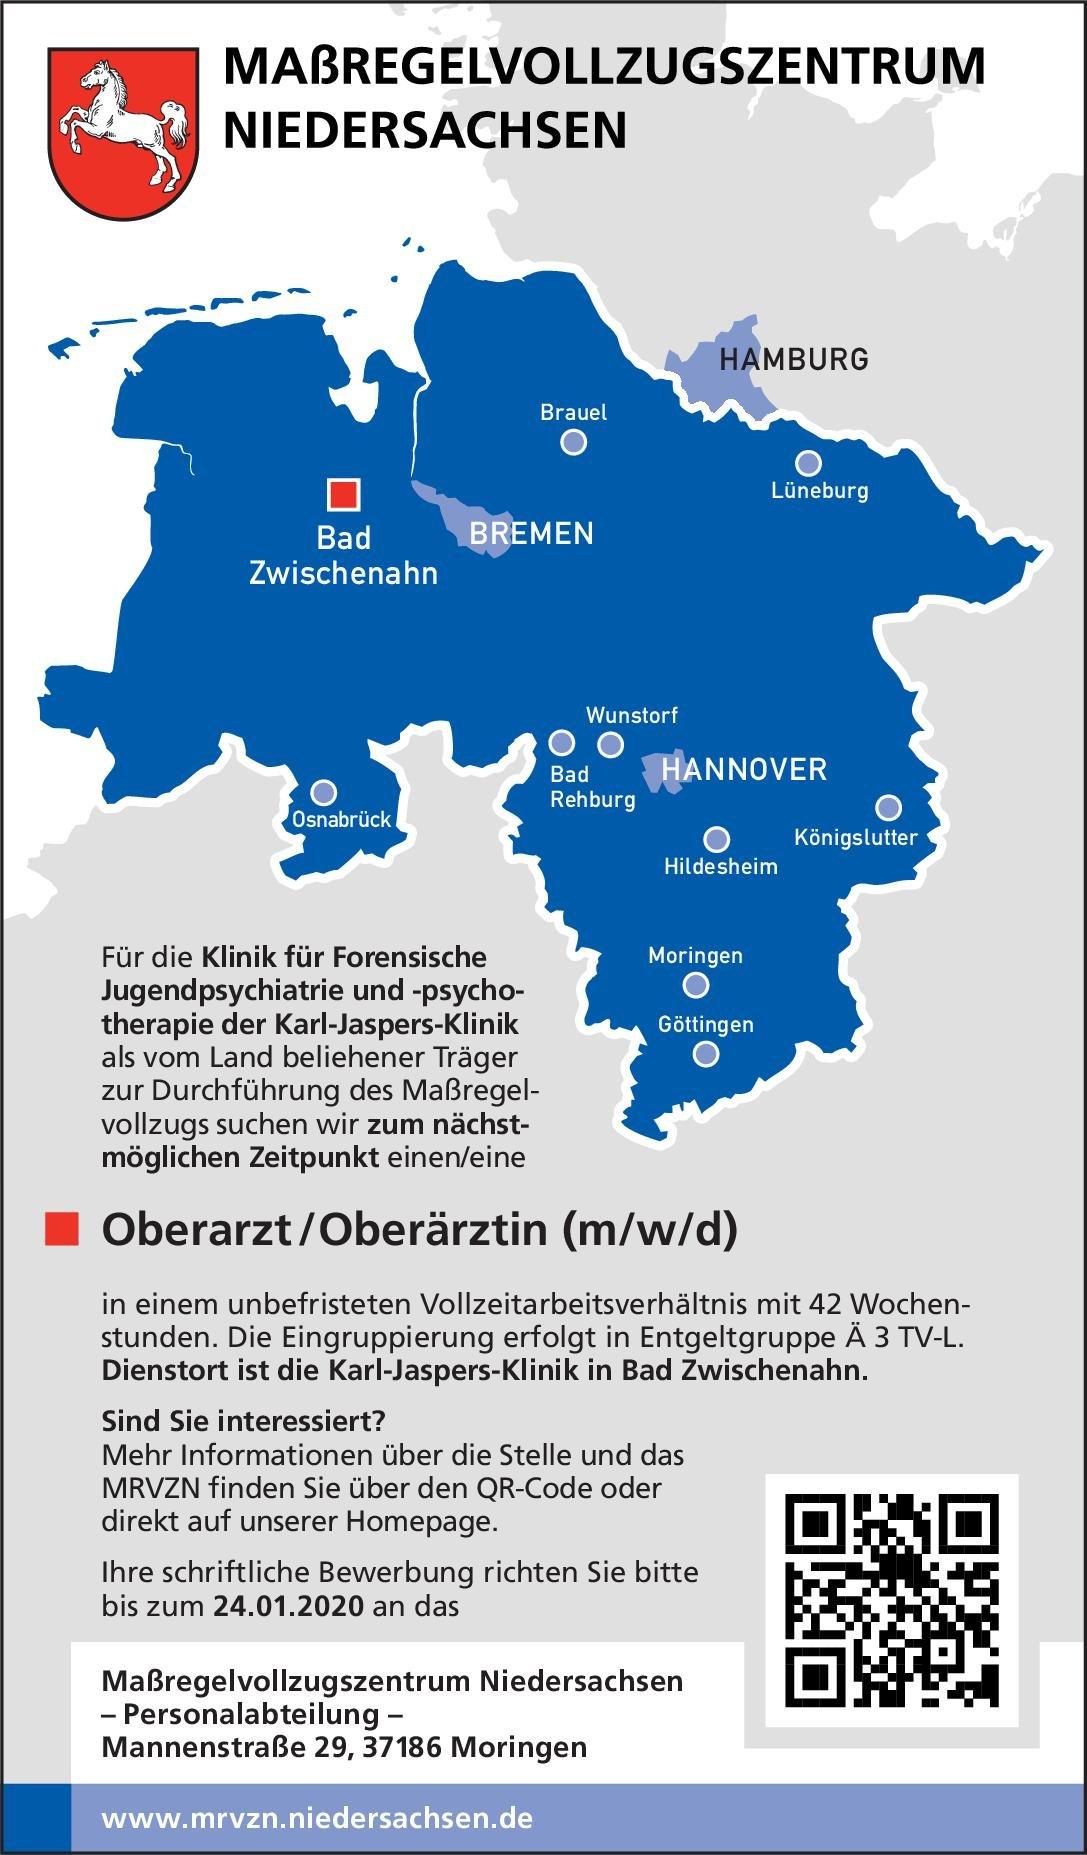 Maßregelvollzugszentrum Niedersachsen - Karl-Jaspers-Klinik Oberarzt / Oberärztin (m/w/d)  Forensische Psychiatrie, Kinder- und Jugendpsychiatrie und -psychotherapie, Psychiatrie und Psychotherapie Oberarzt